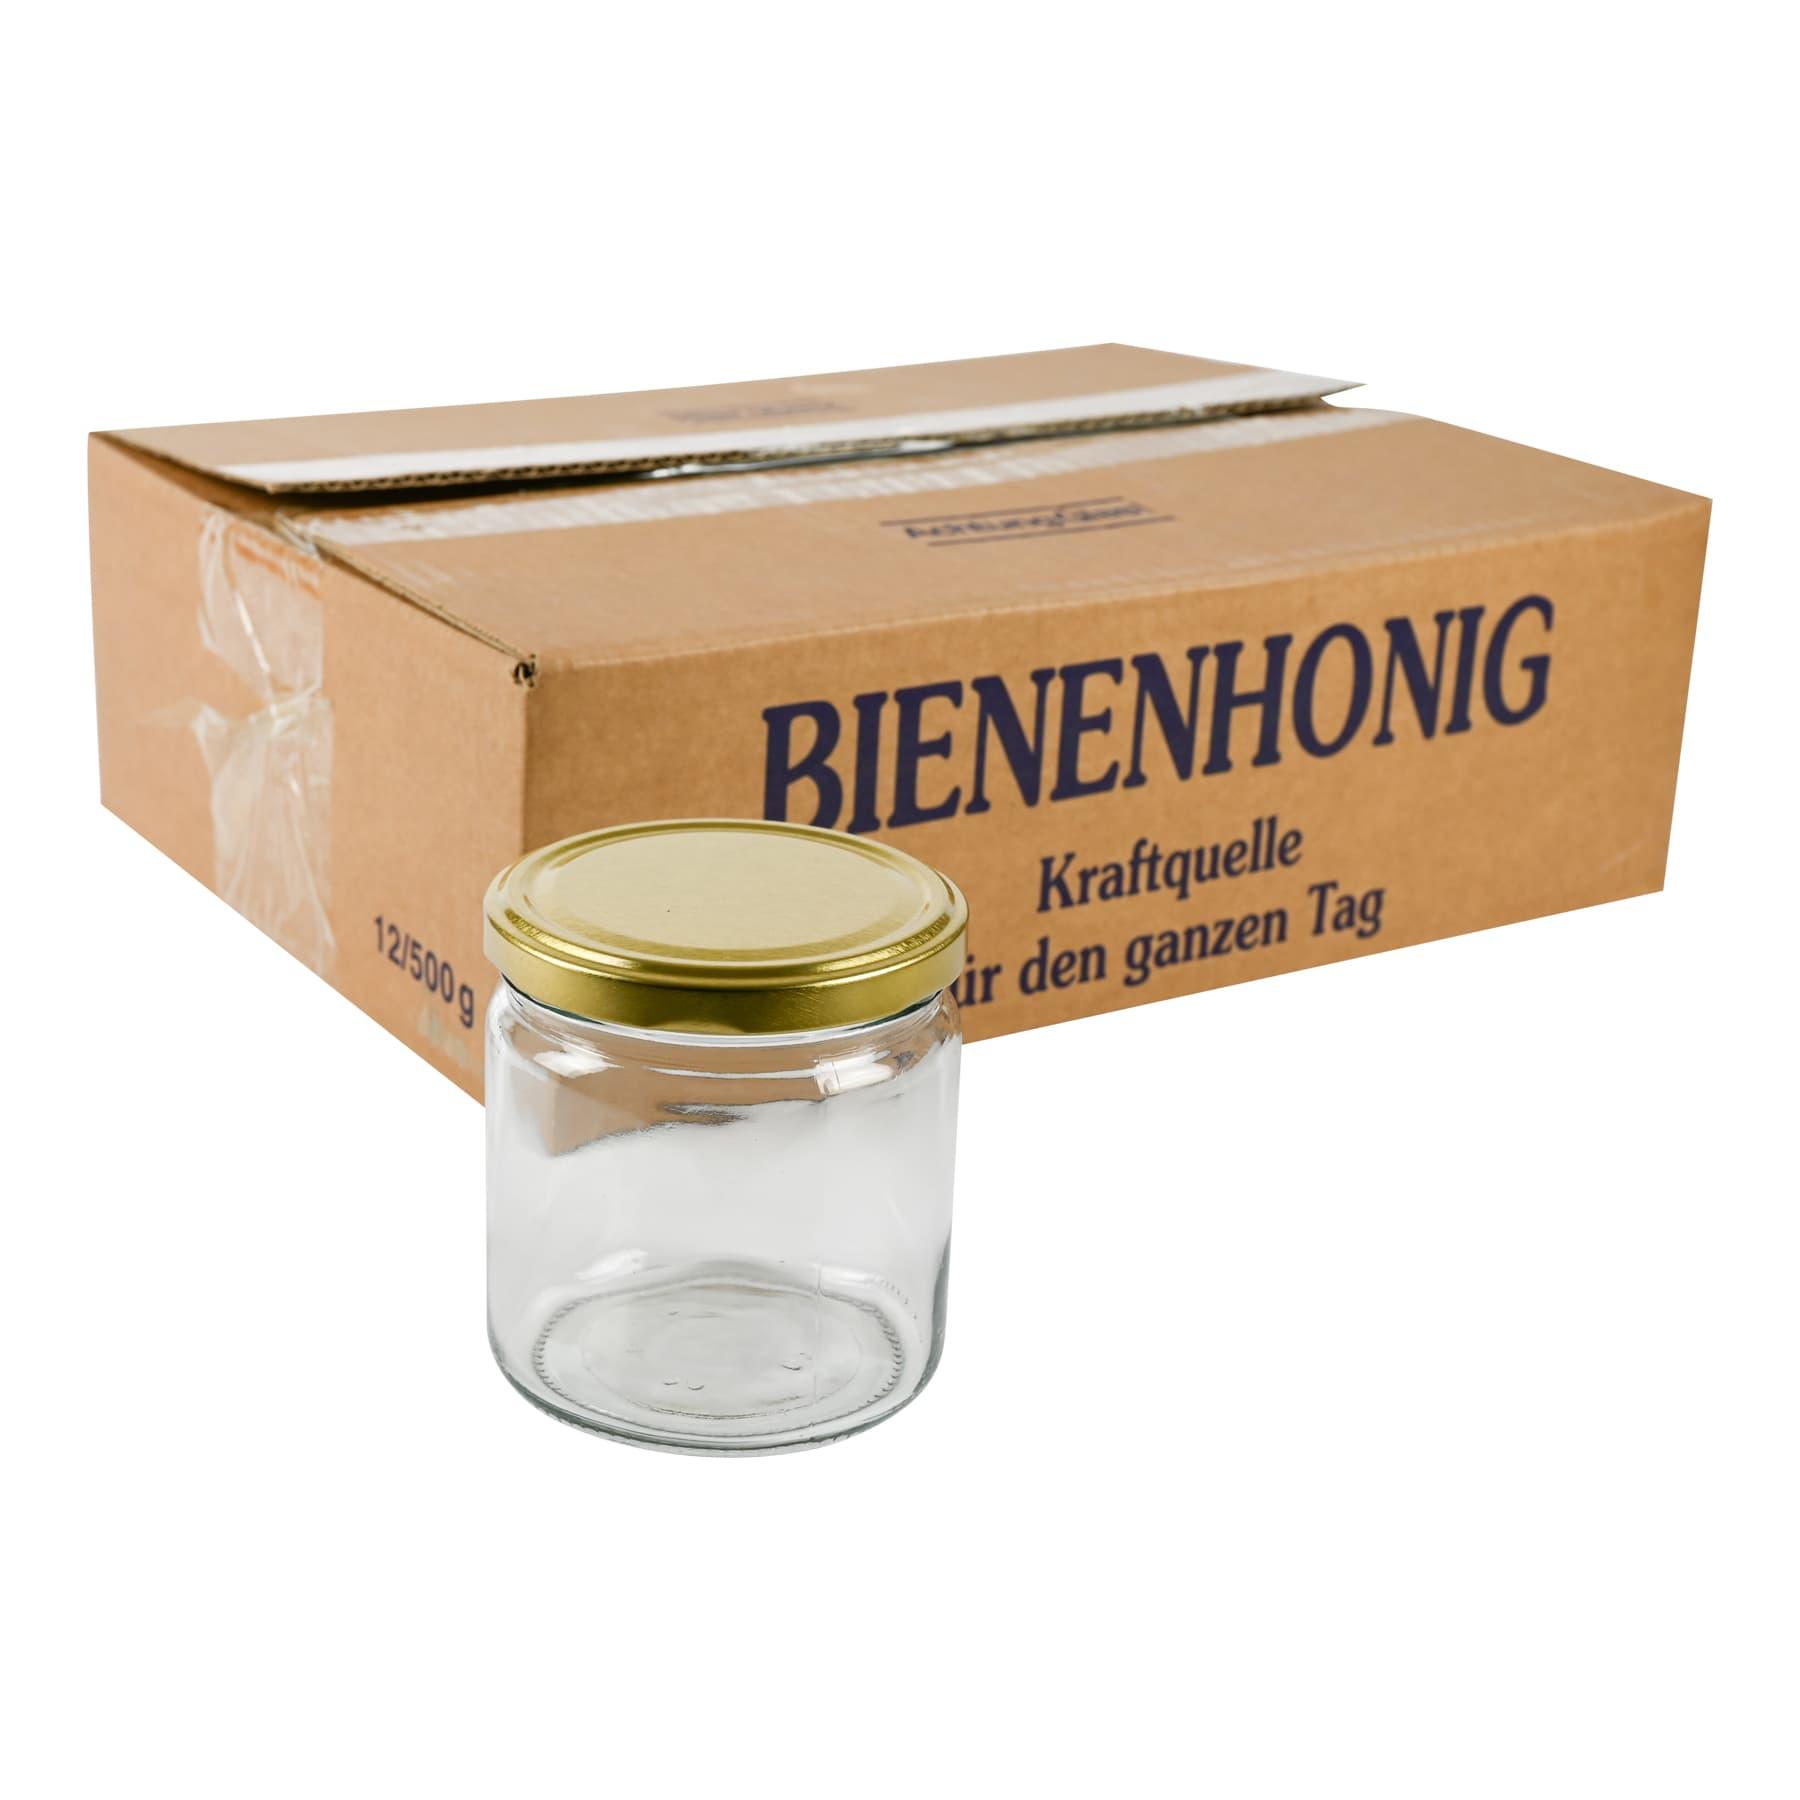 Rundglas 500 g TO ohne Deckel im 12er Karton 2244 Gläser = 1 Pal